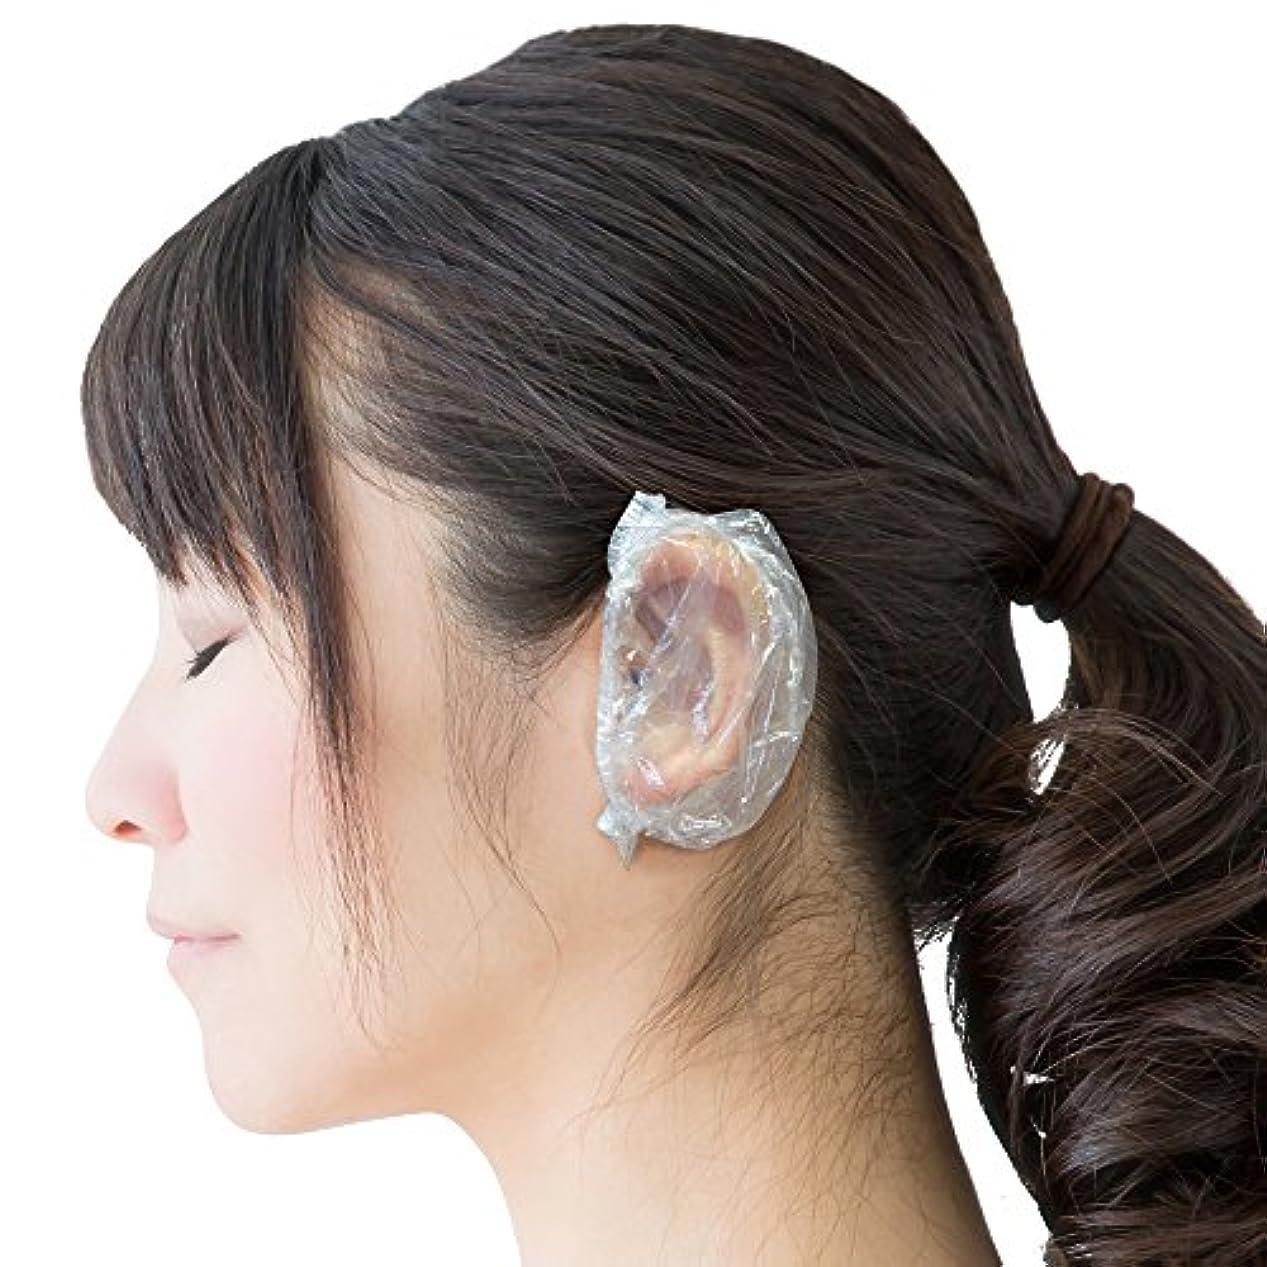 誘う受信バンドル【Fiveten】 耳キャップ イヤーキャップ 耳カバー 毛染め 使い捨て 100個